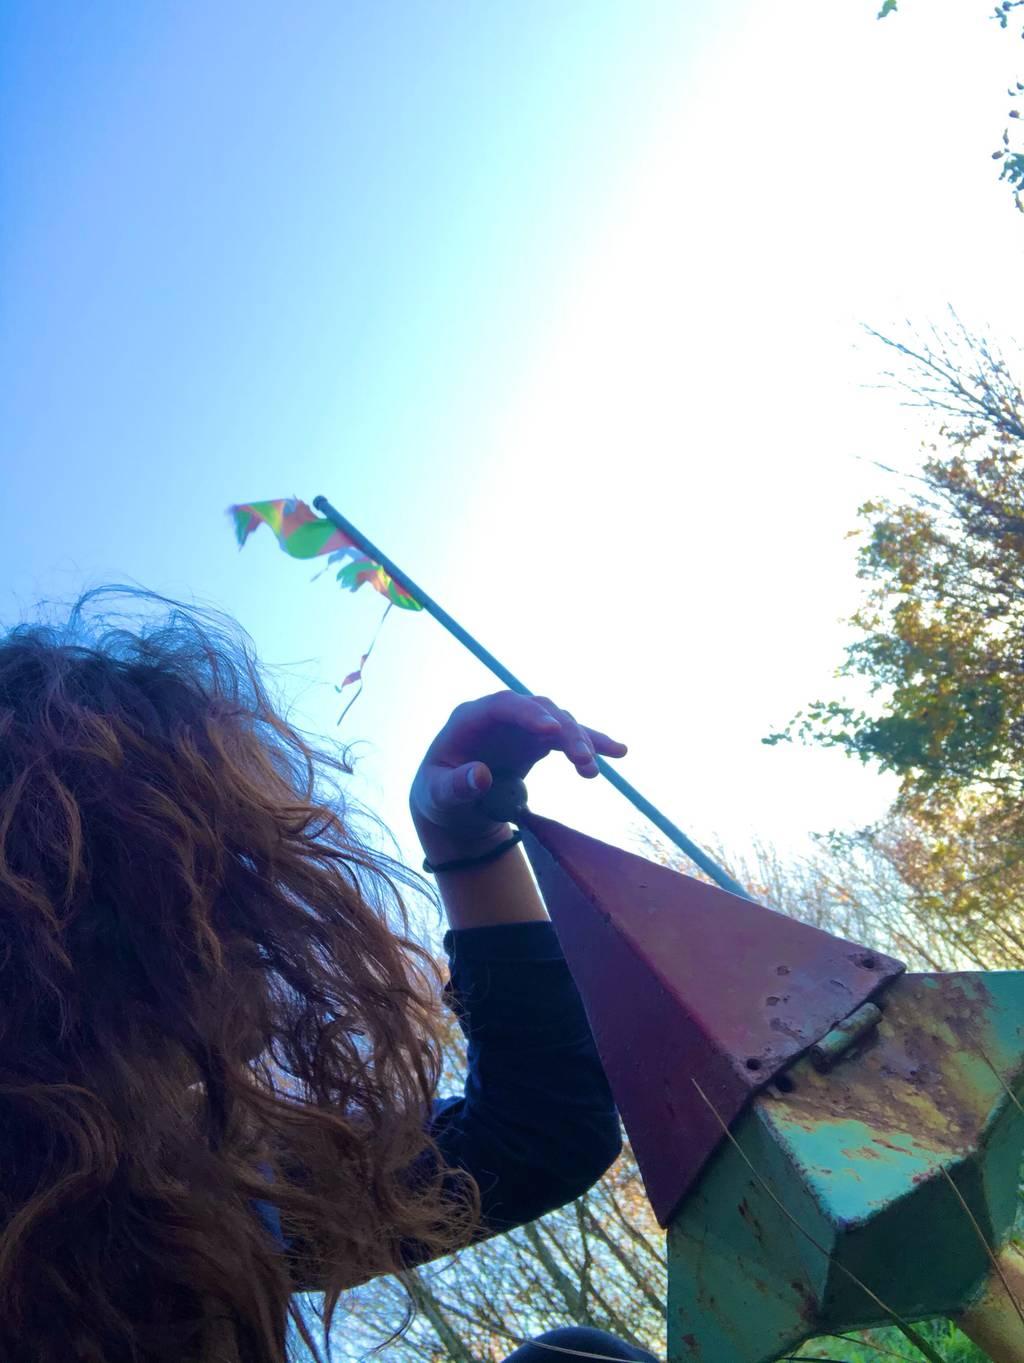 Sari txu  erabiltzailea Arakaldo puntan, 2020-11-18 09:04